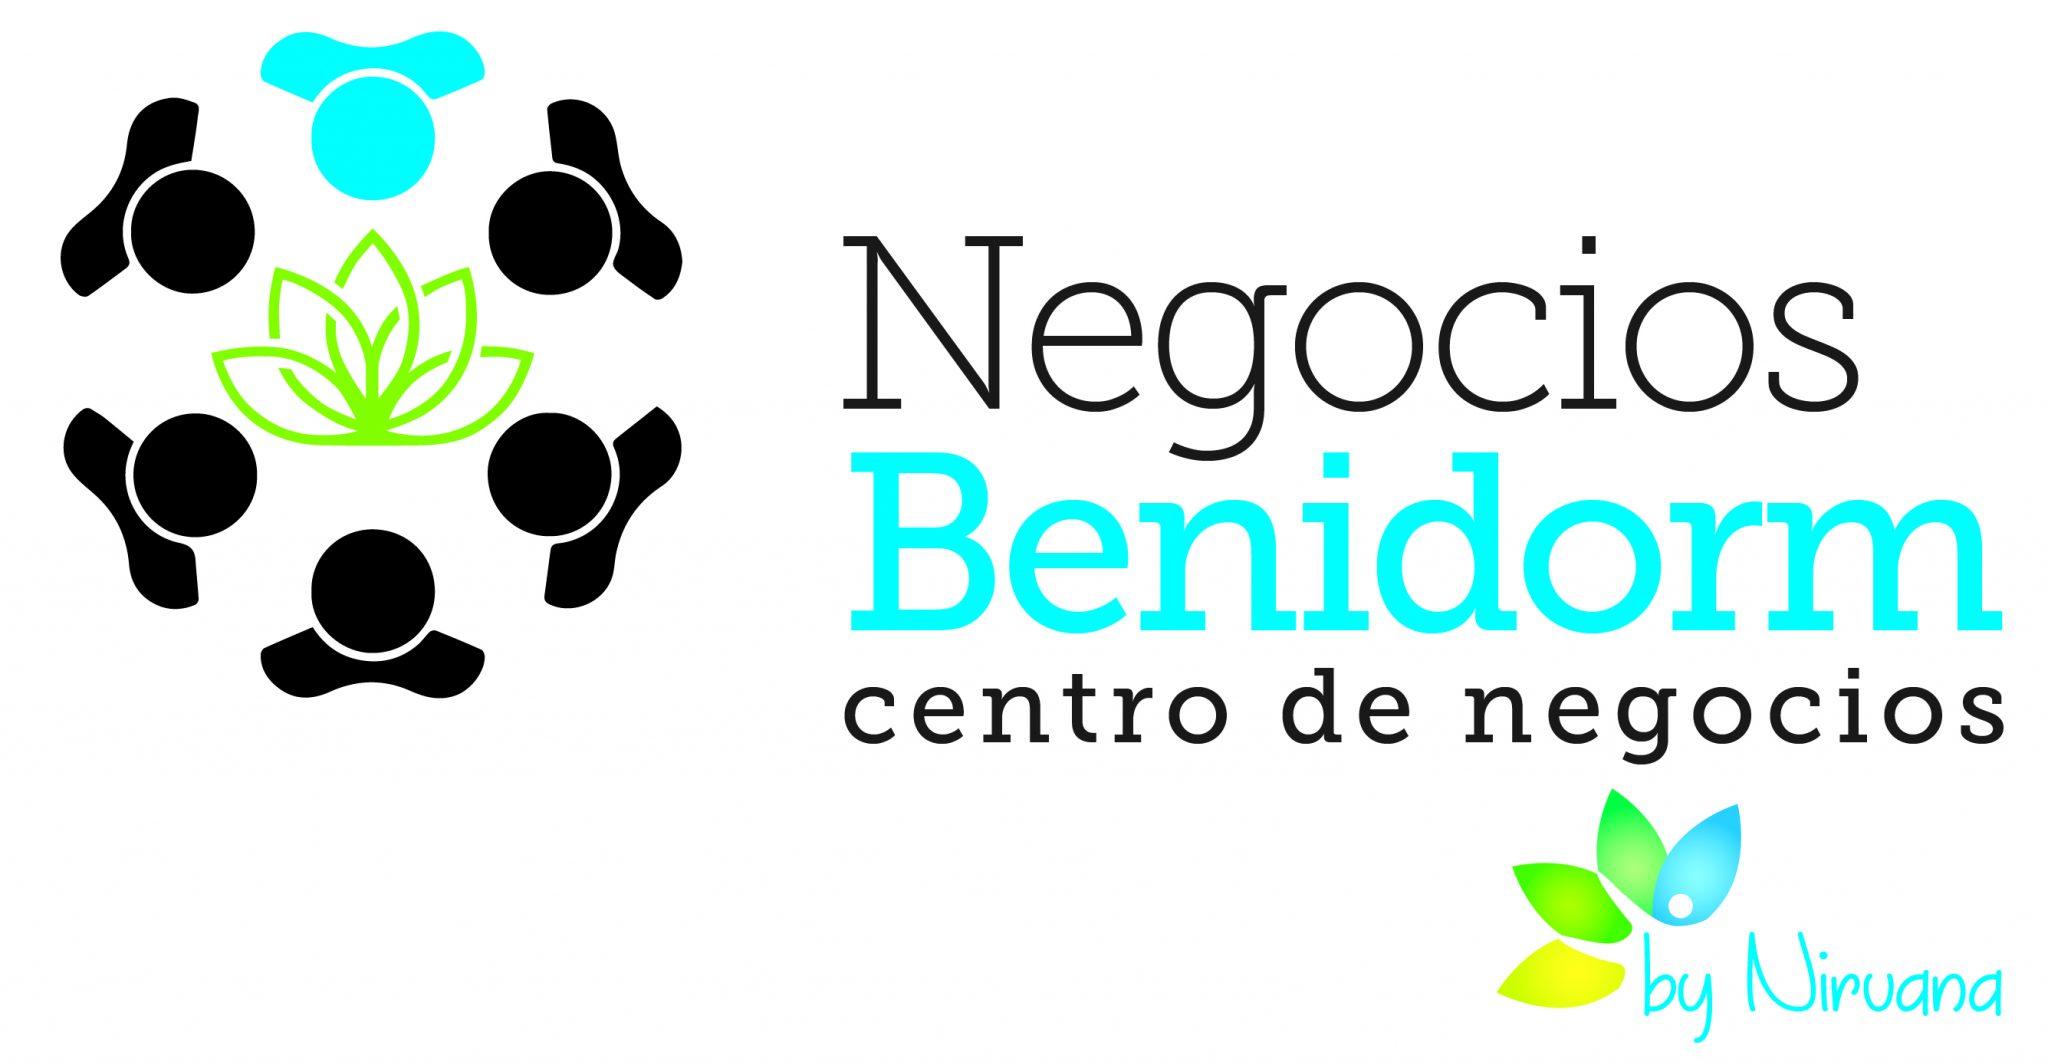 CENTRO DE NEGOCIOS BENIDORM